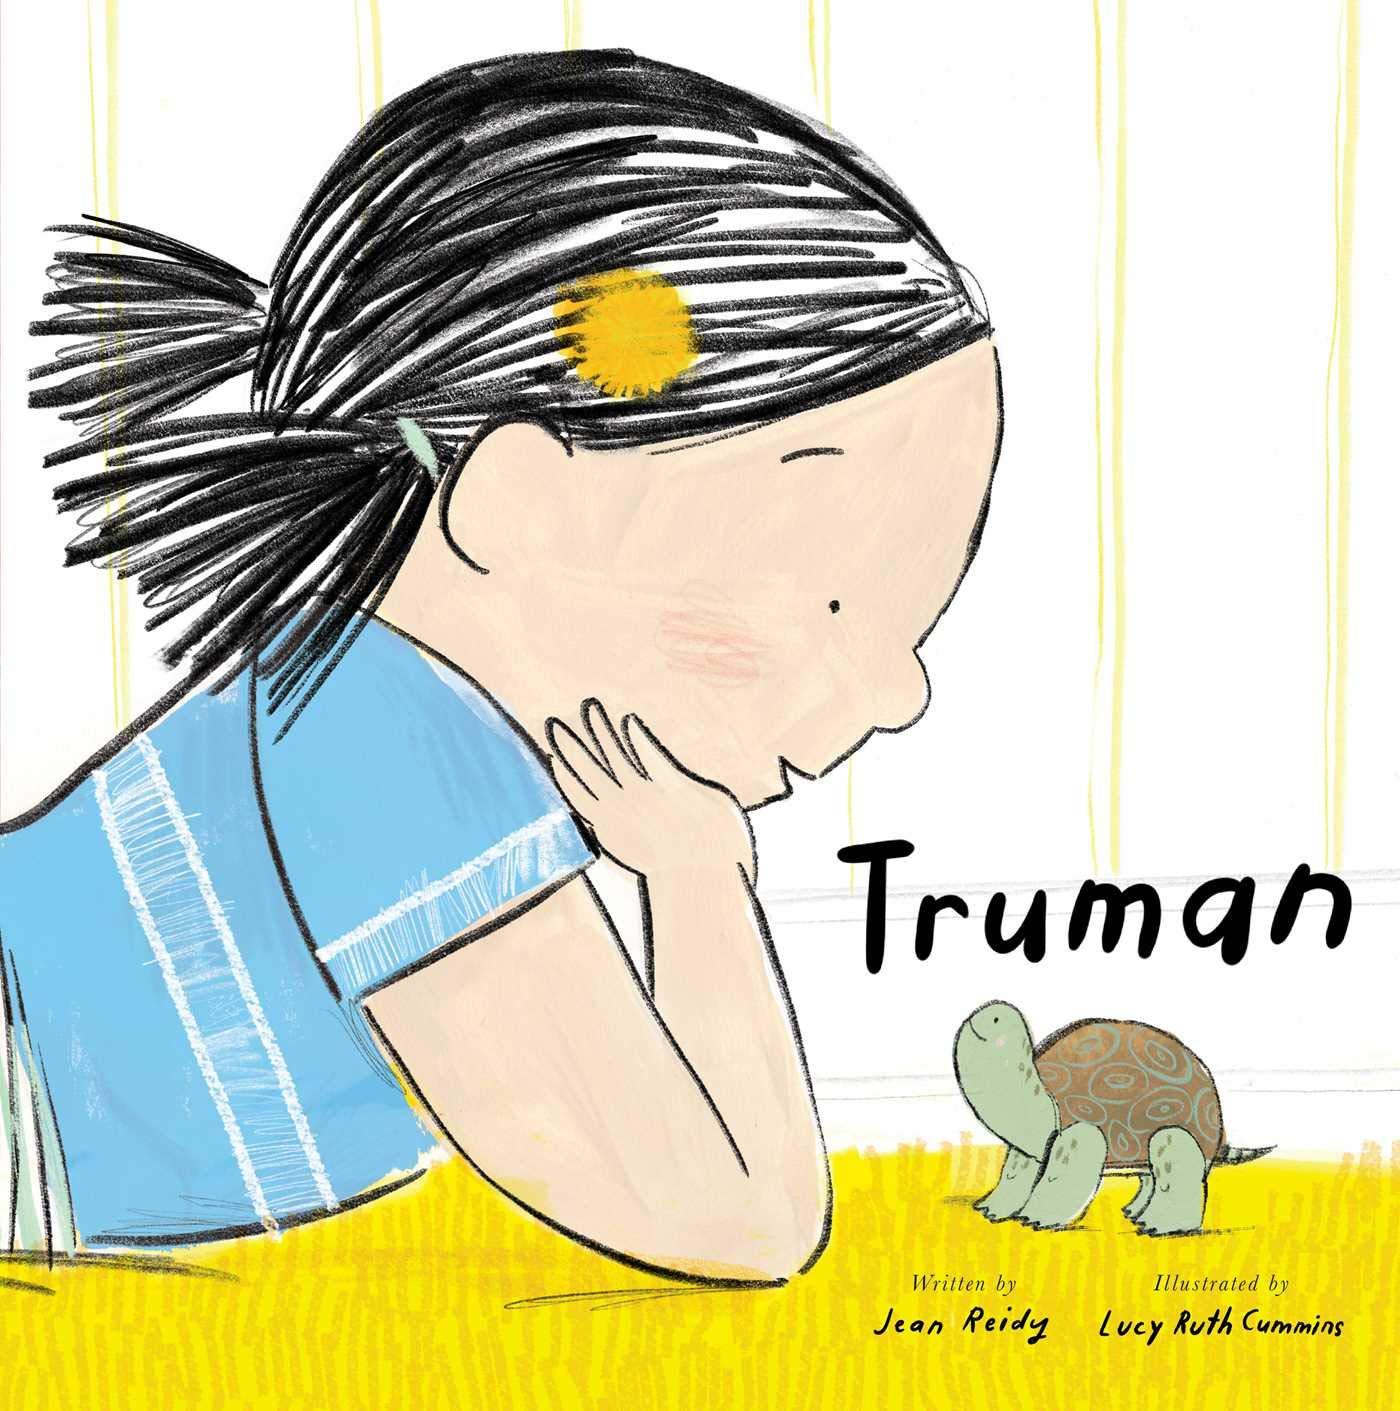 Imatge de la portada del conte infantil Truman